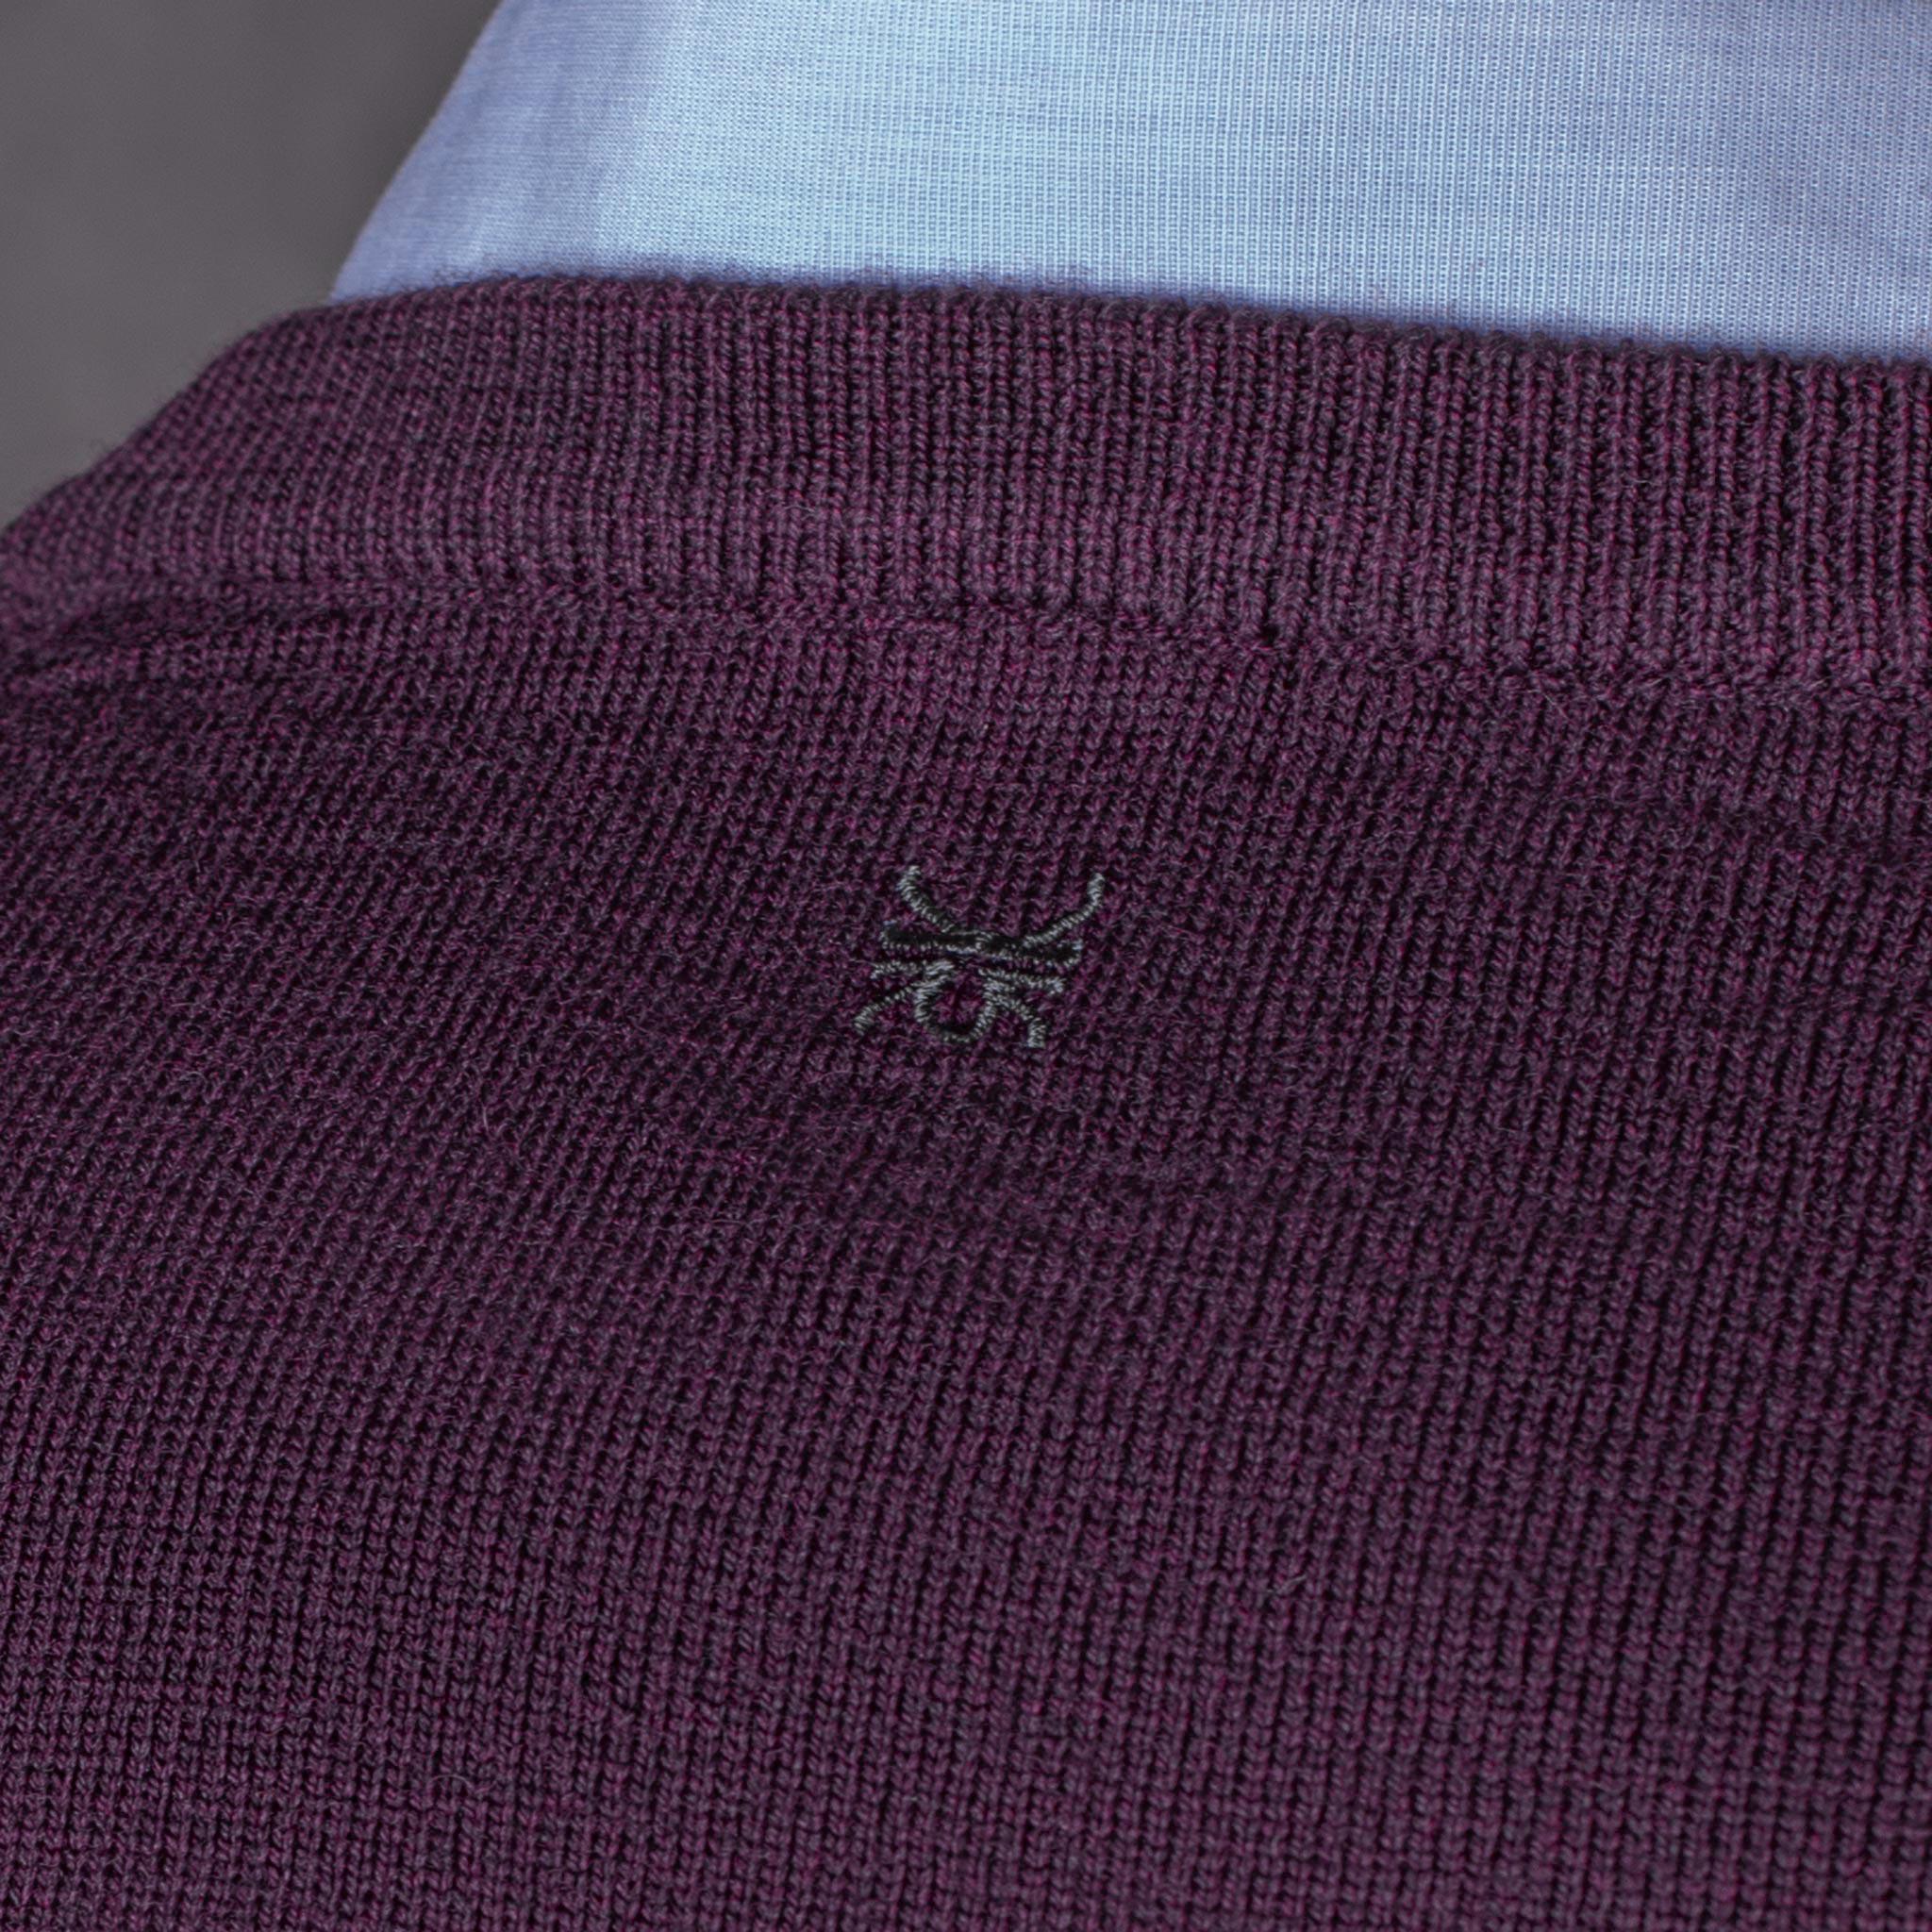 V-NECK PULLOVER 01.03 PURPLE JERSEY PICO 01.03 MORADO The Seëlk 9